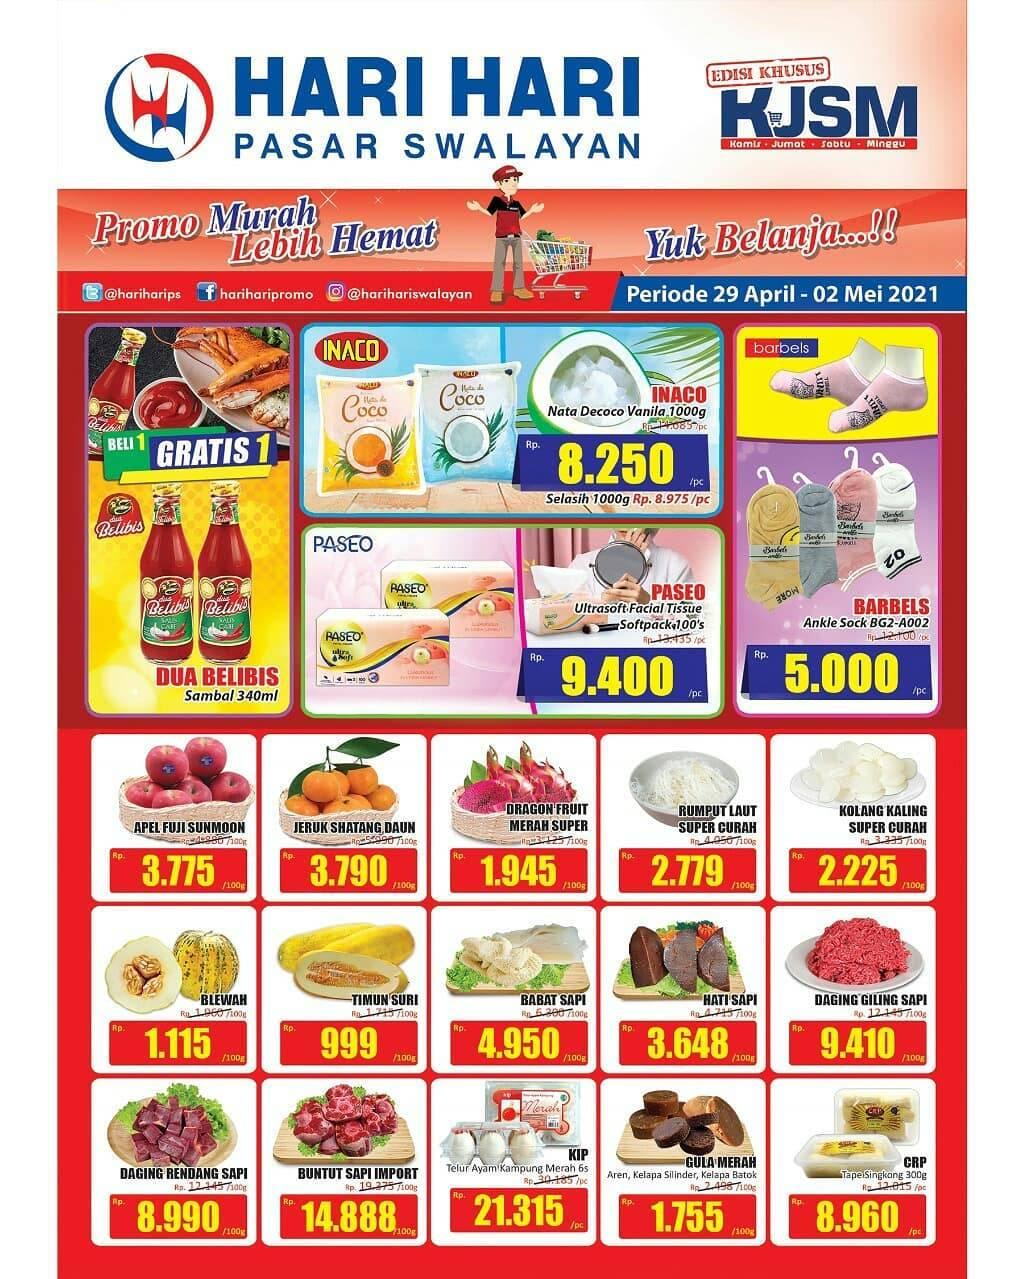 Diskon Katalog Promo Hari Hari Swalayan KJSM Periode 29 April - 2 Mei 2021